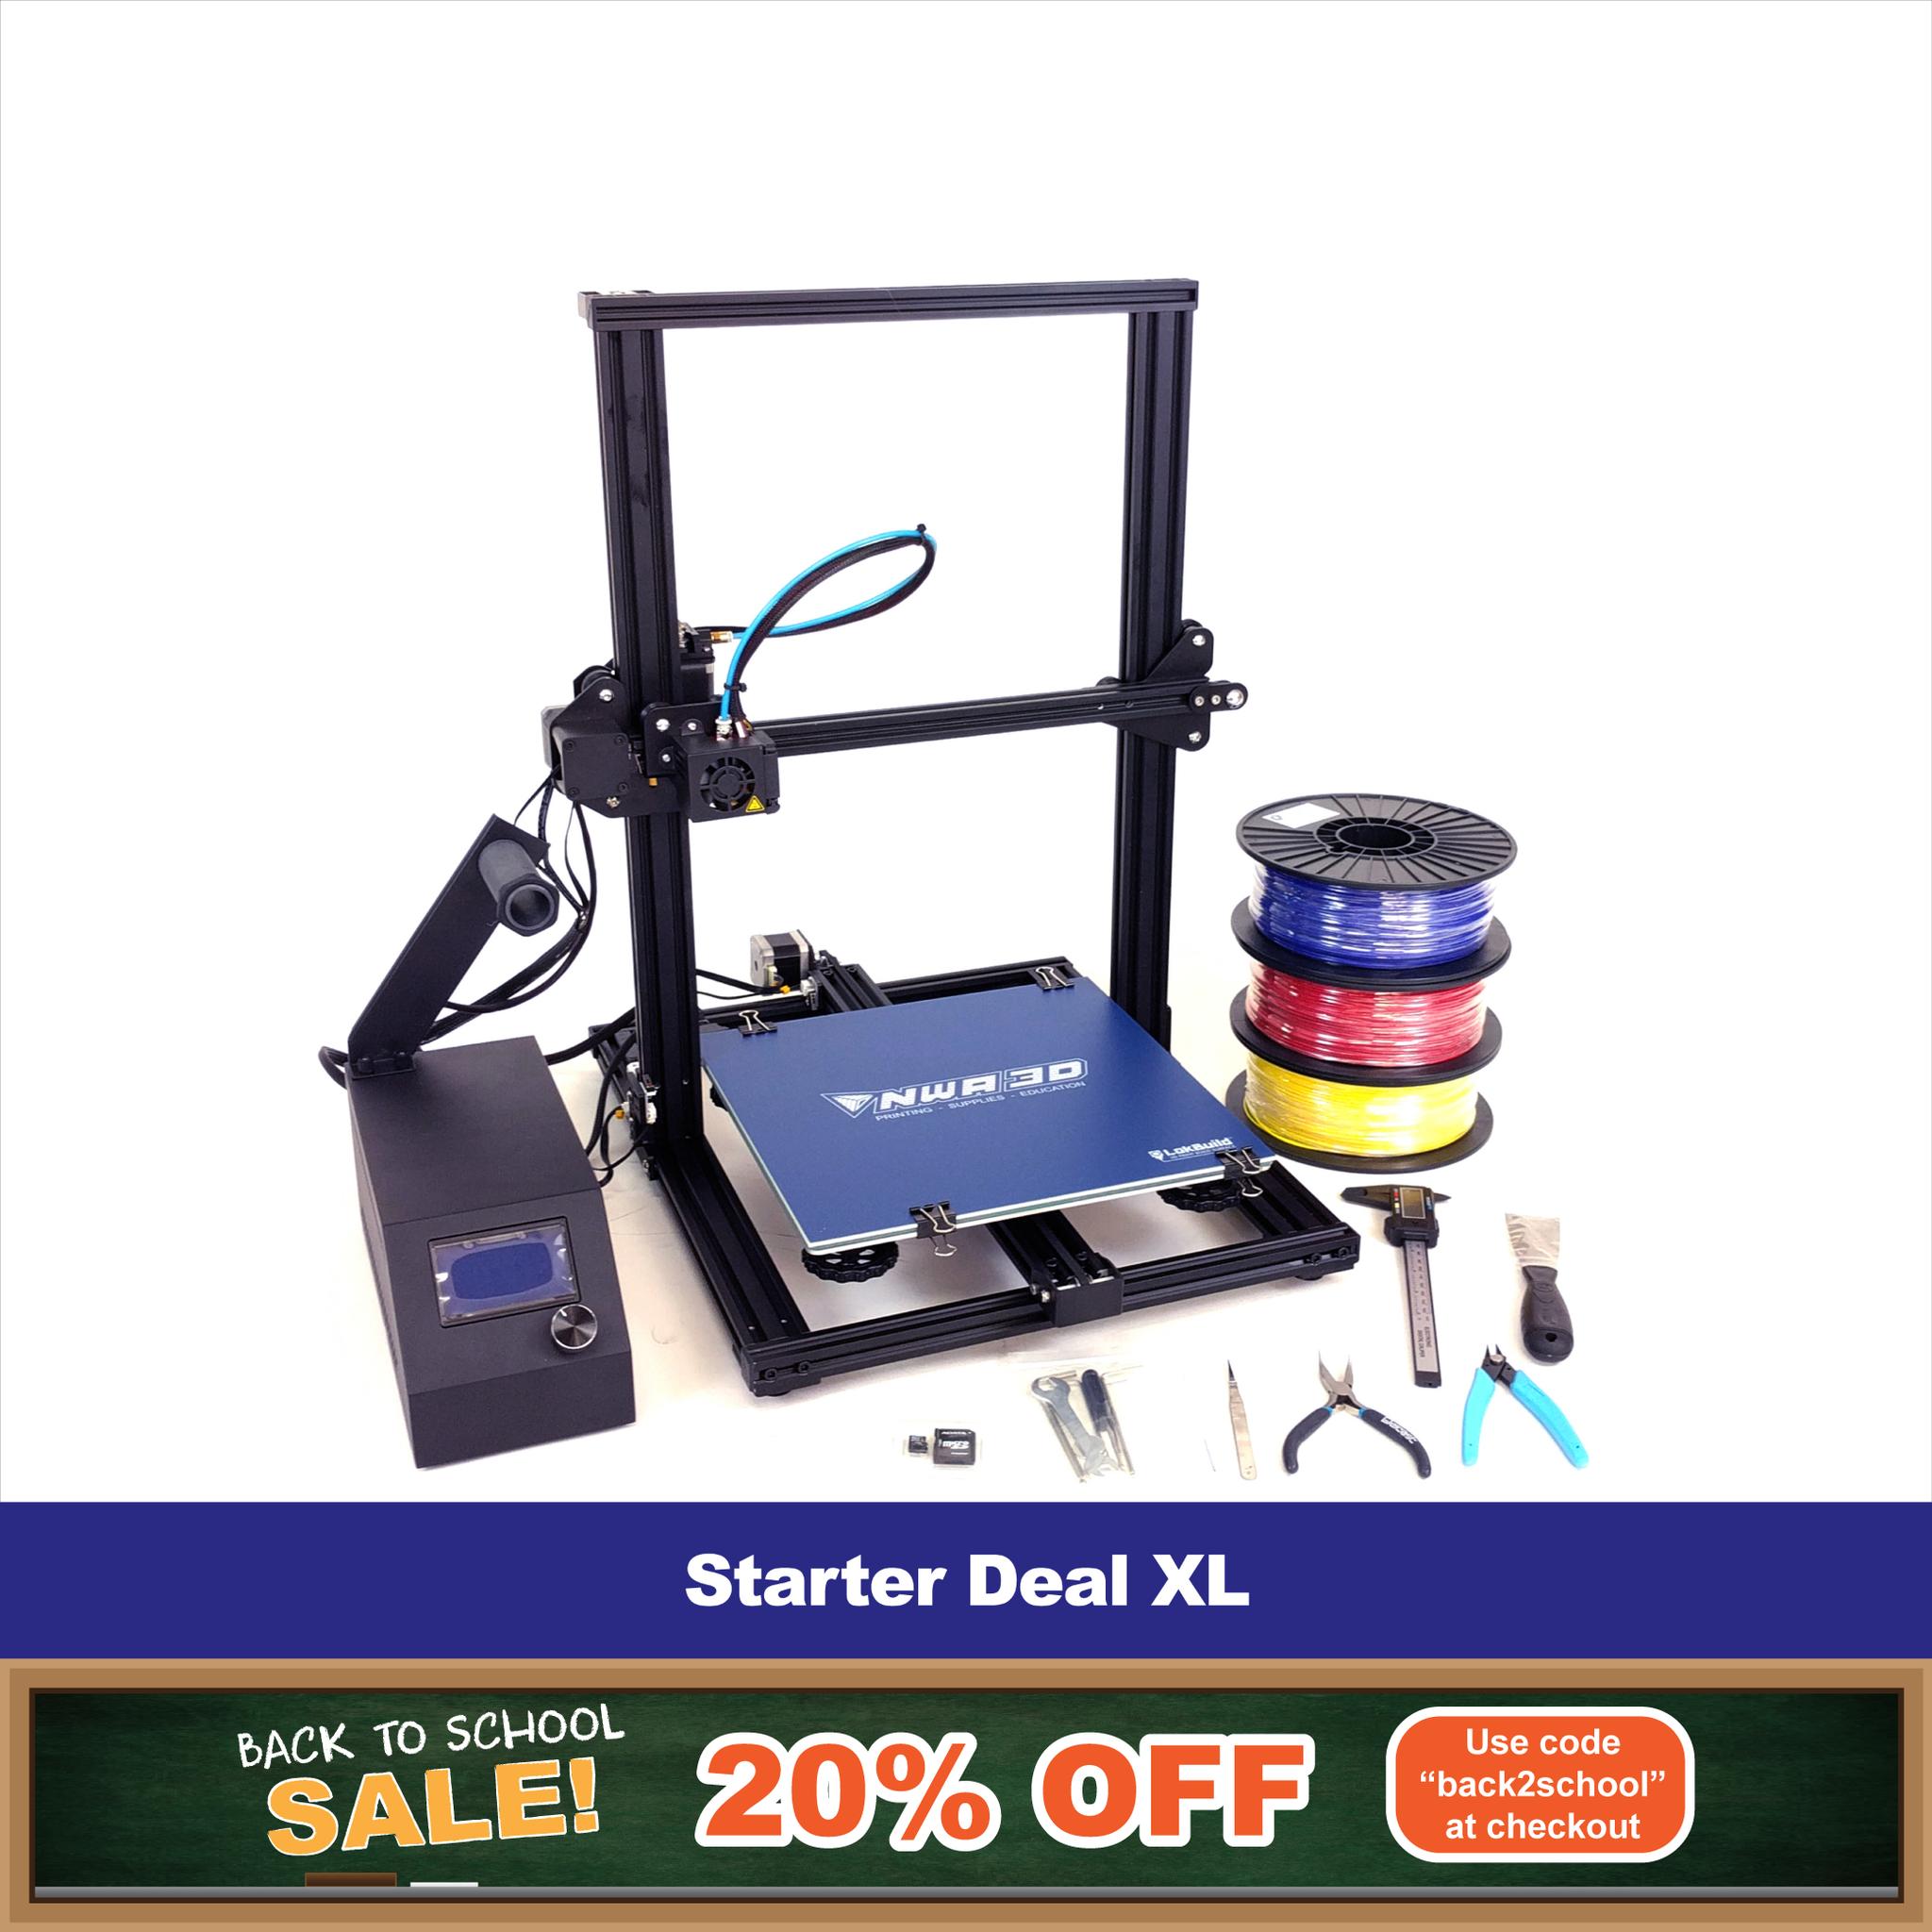 Starter Deal XL 20% Off